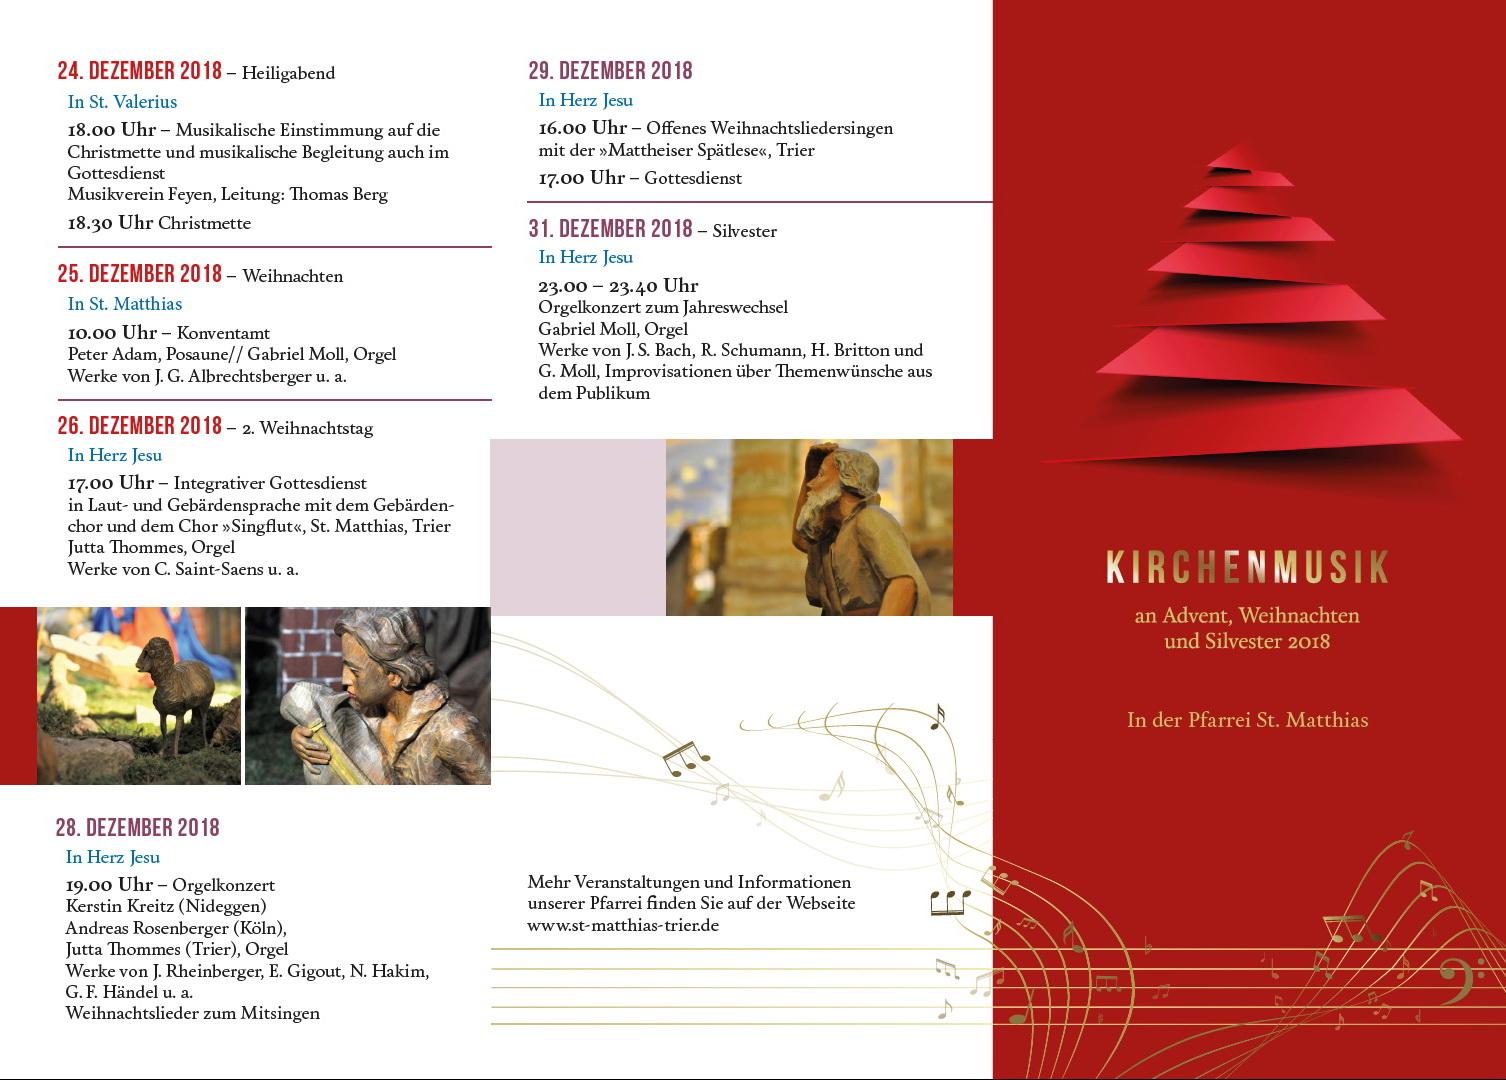 Weihnachten 2019 Musik.Gottesdienste Konzerte Offene Kirche In Der Weihnachtszeit 2018